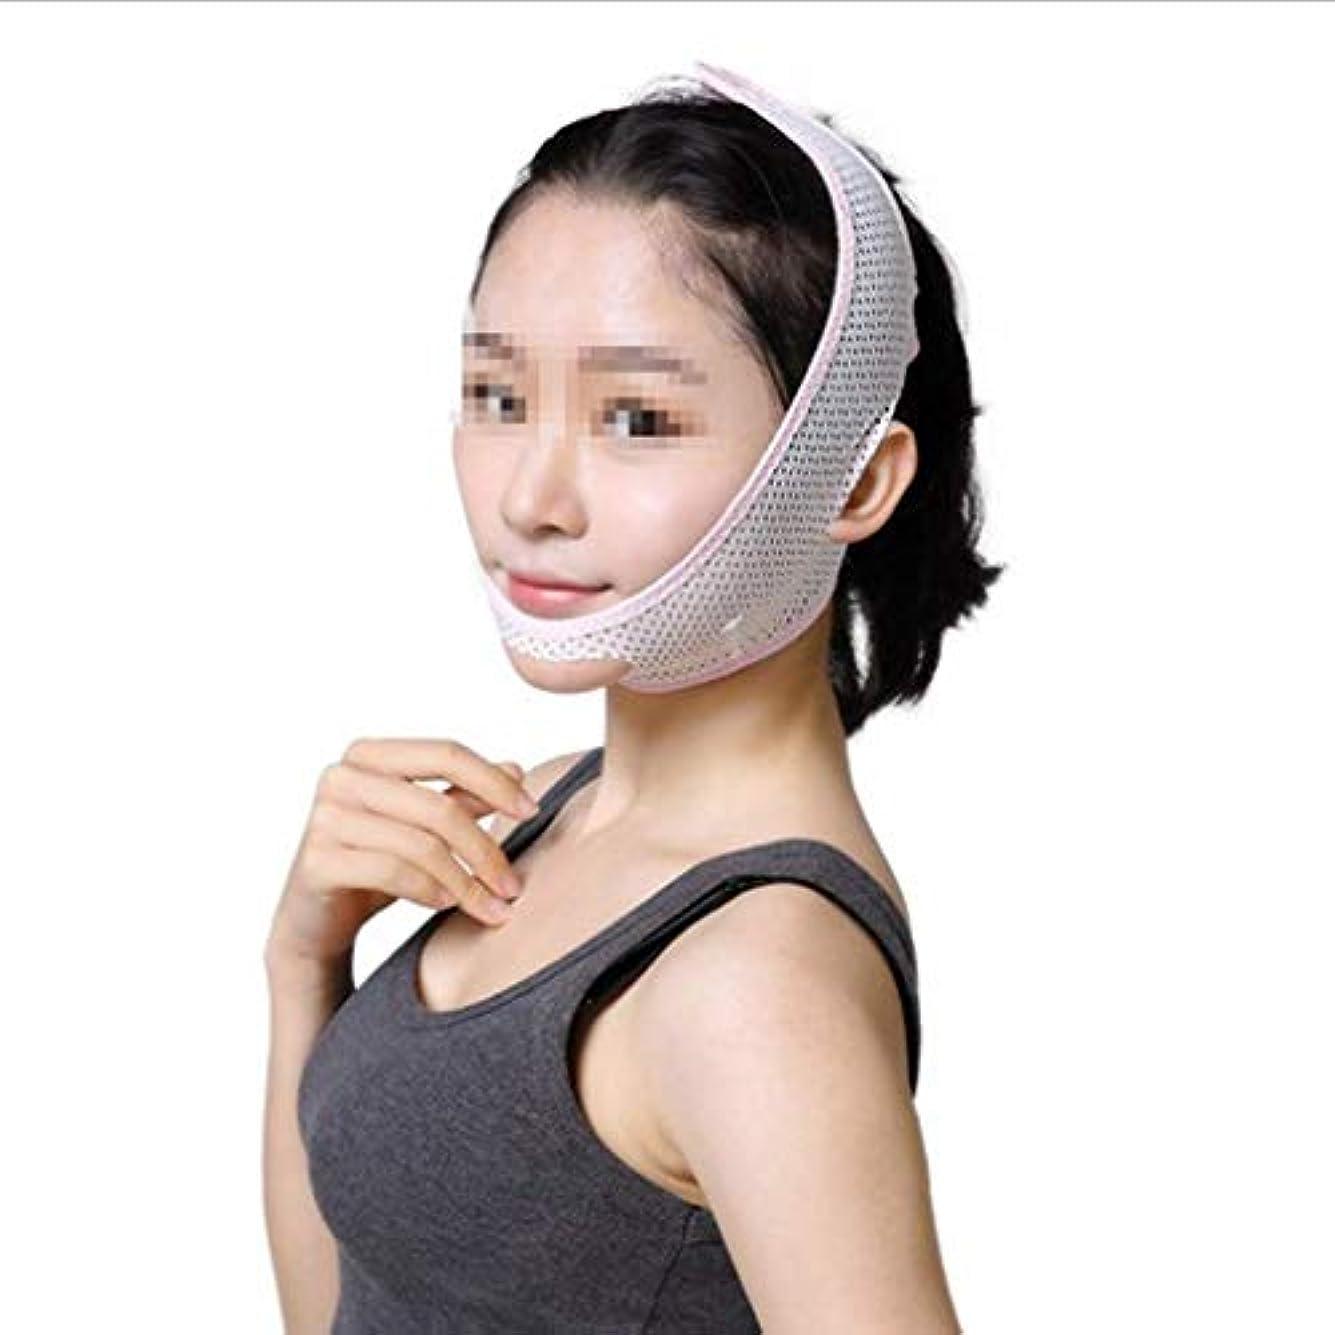 所持国歌キルス超薄型通気性フェイスマスク、包帯Vフェイスマスクフェイスリフティングファーミングダブルチンシンフェイスベルト(サイズ:M)